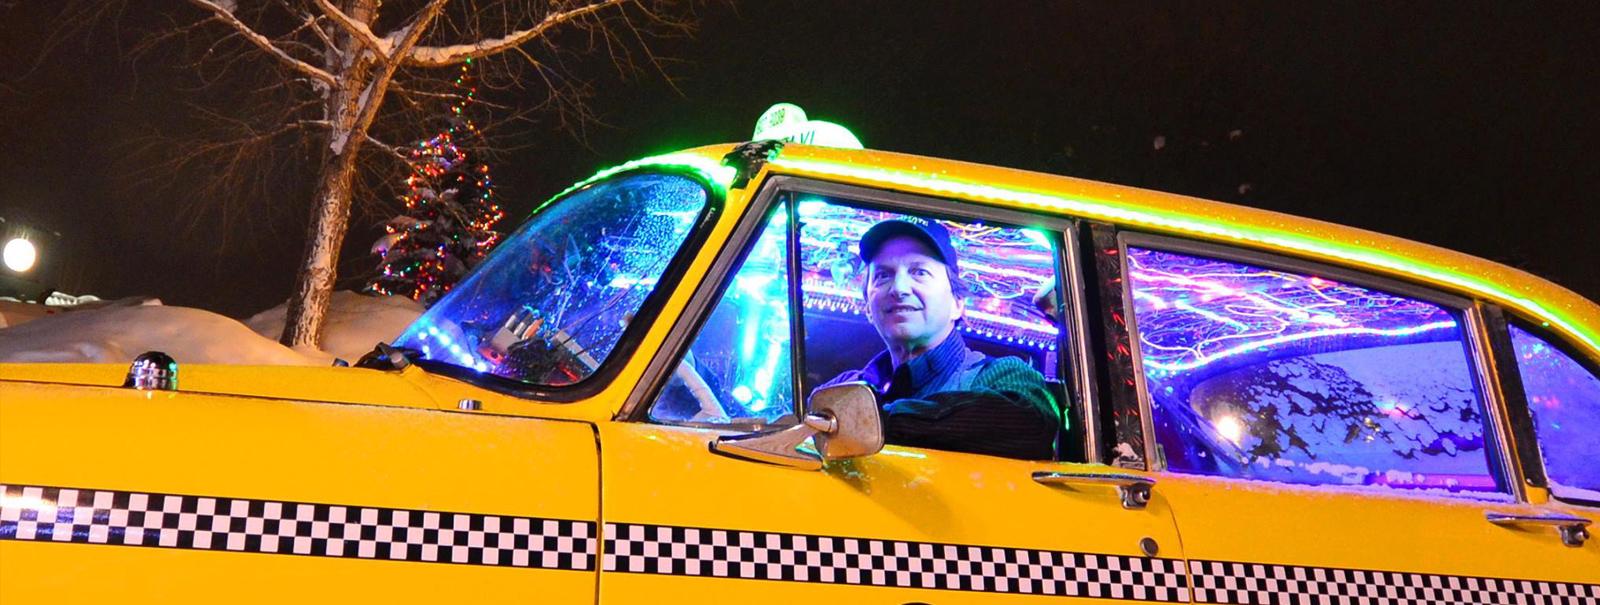 Guarda il taxi più pazzo del mondo - Condé Nast Live!